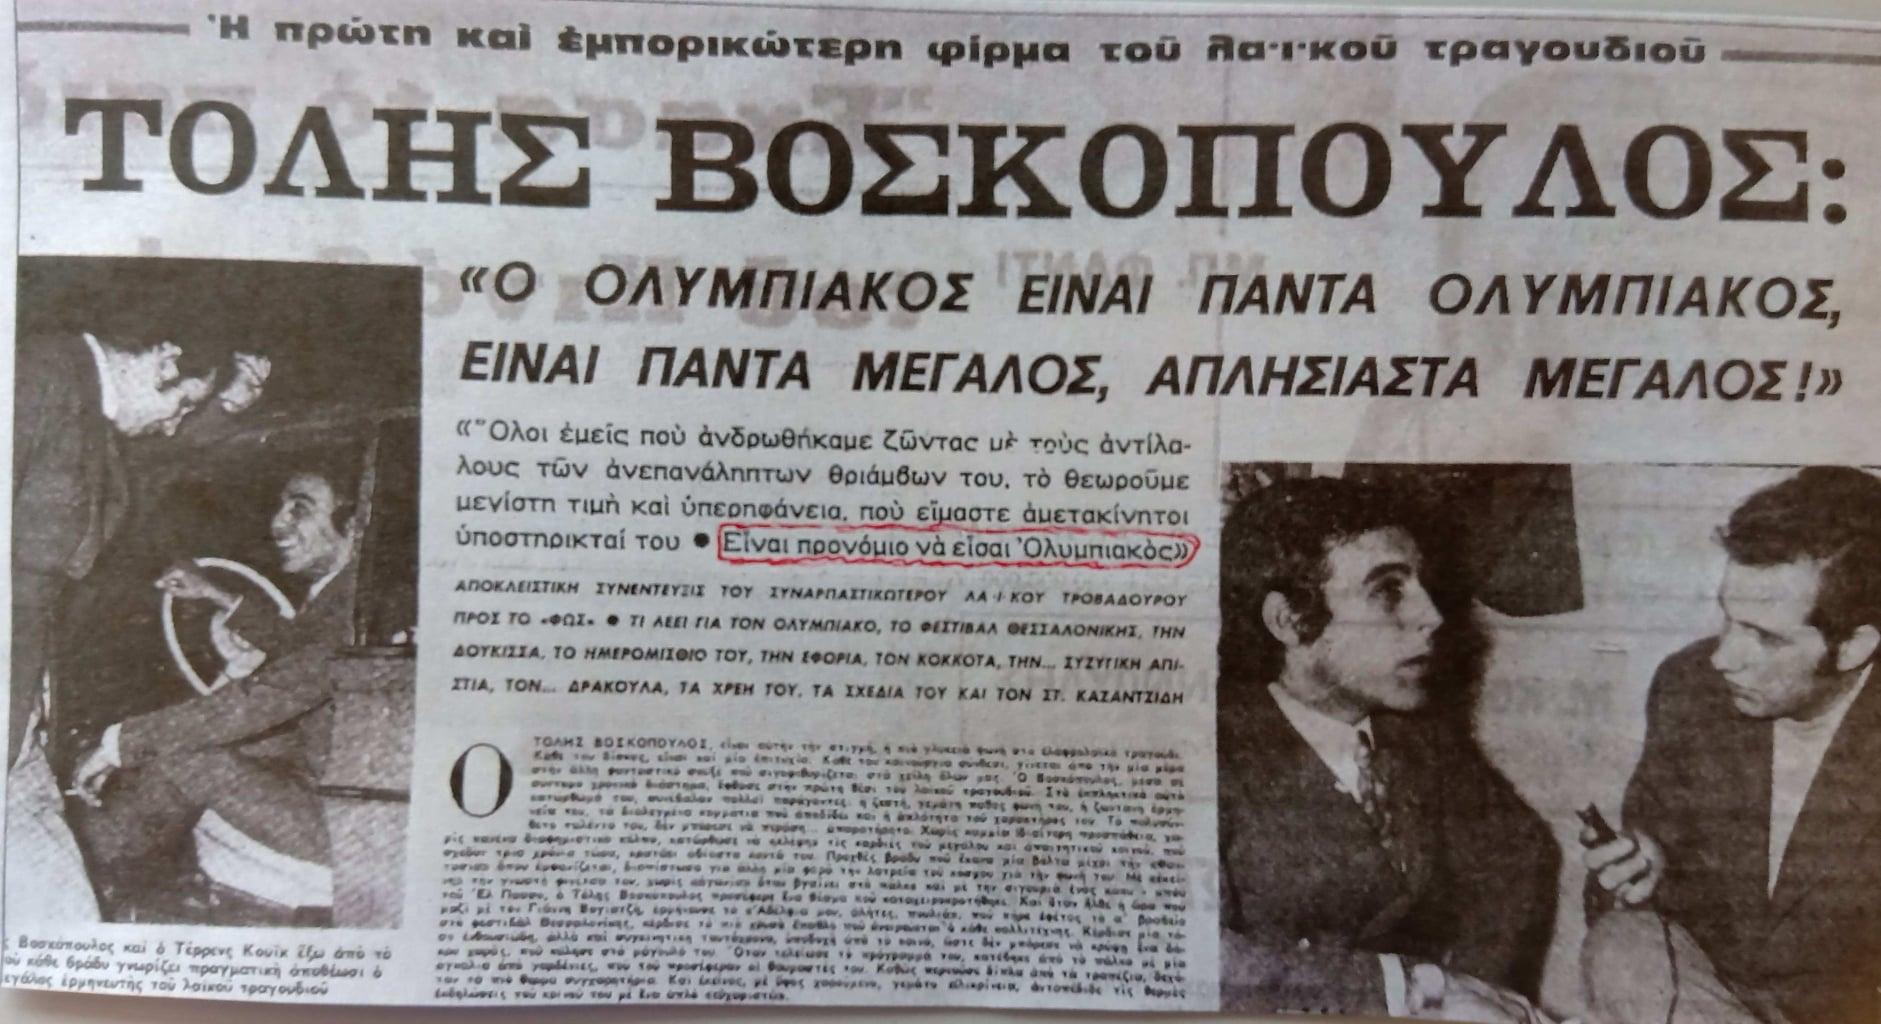 Σπάνιο ιστορικό ντοκουμέντο 50 χρόνων: Αποκαλύφθηκε τι ομάδα ήταν ο Τόλης Βοσκόπουλος (Pic)